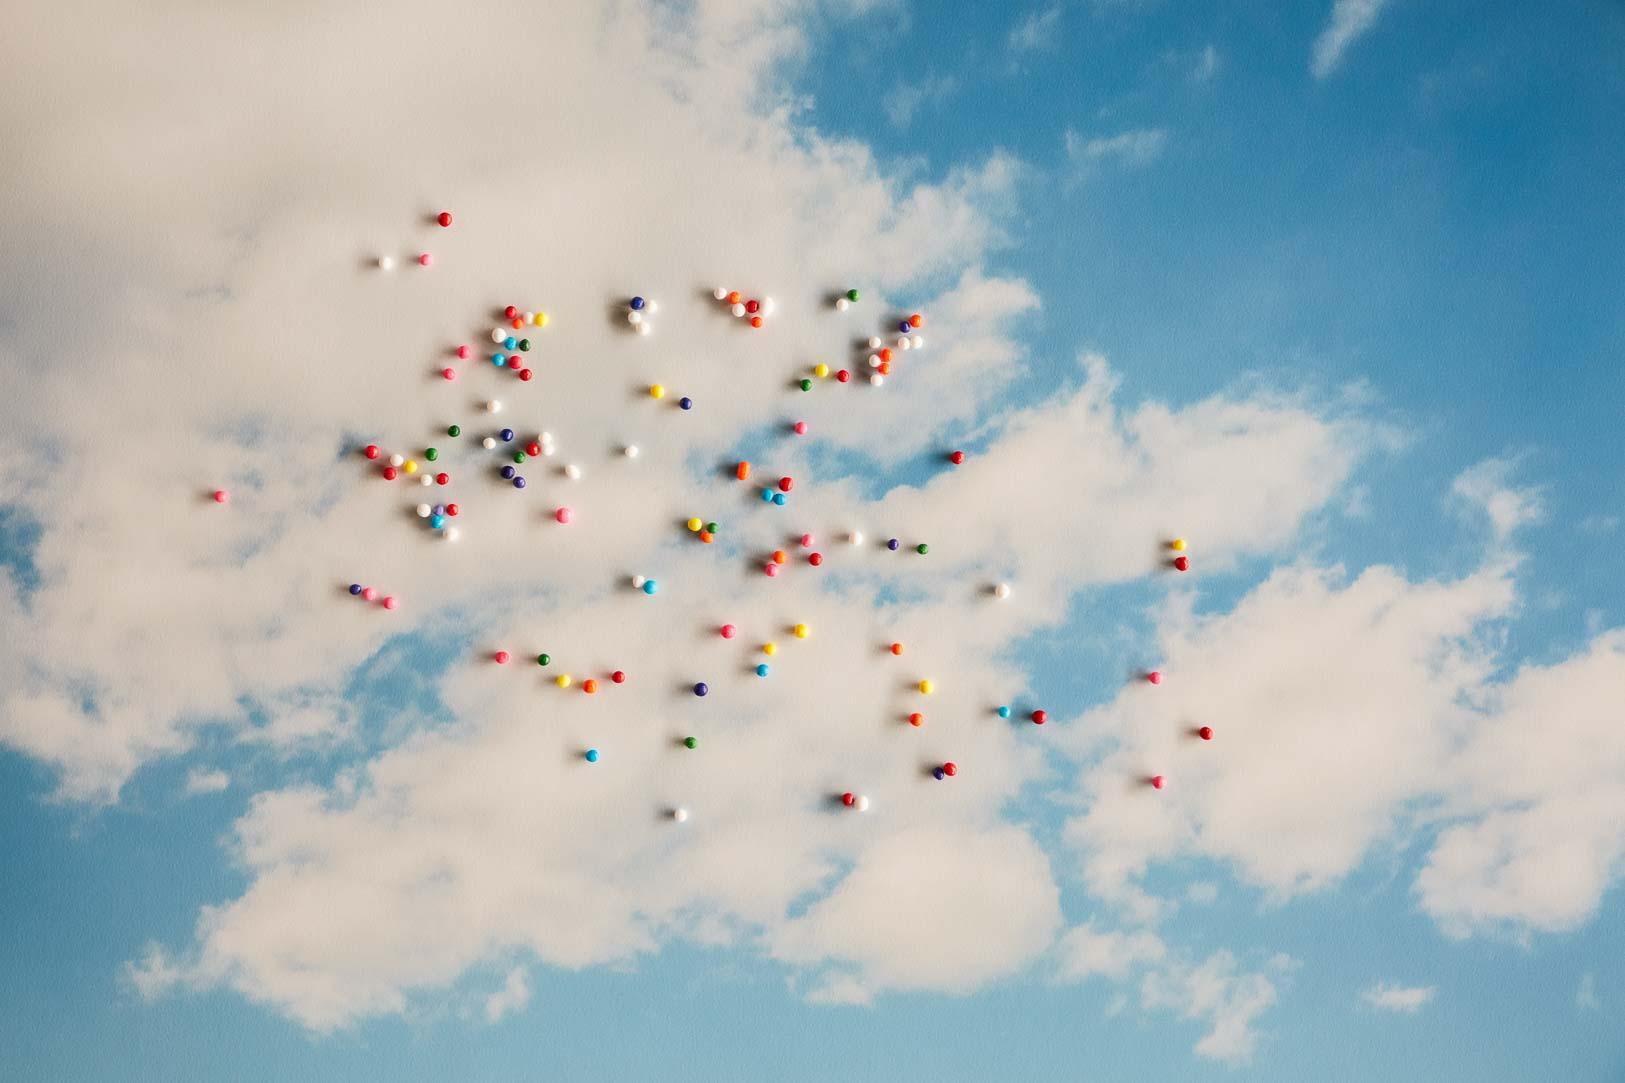 Eric Lubrick Sprinkles Clouds.jpg